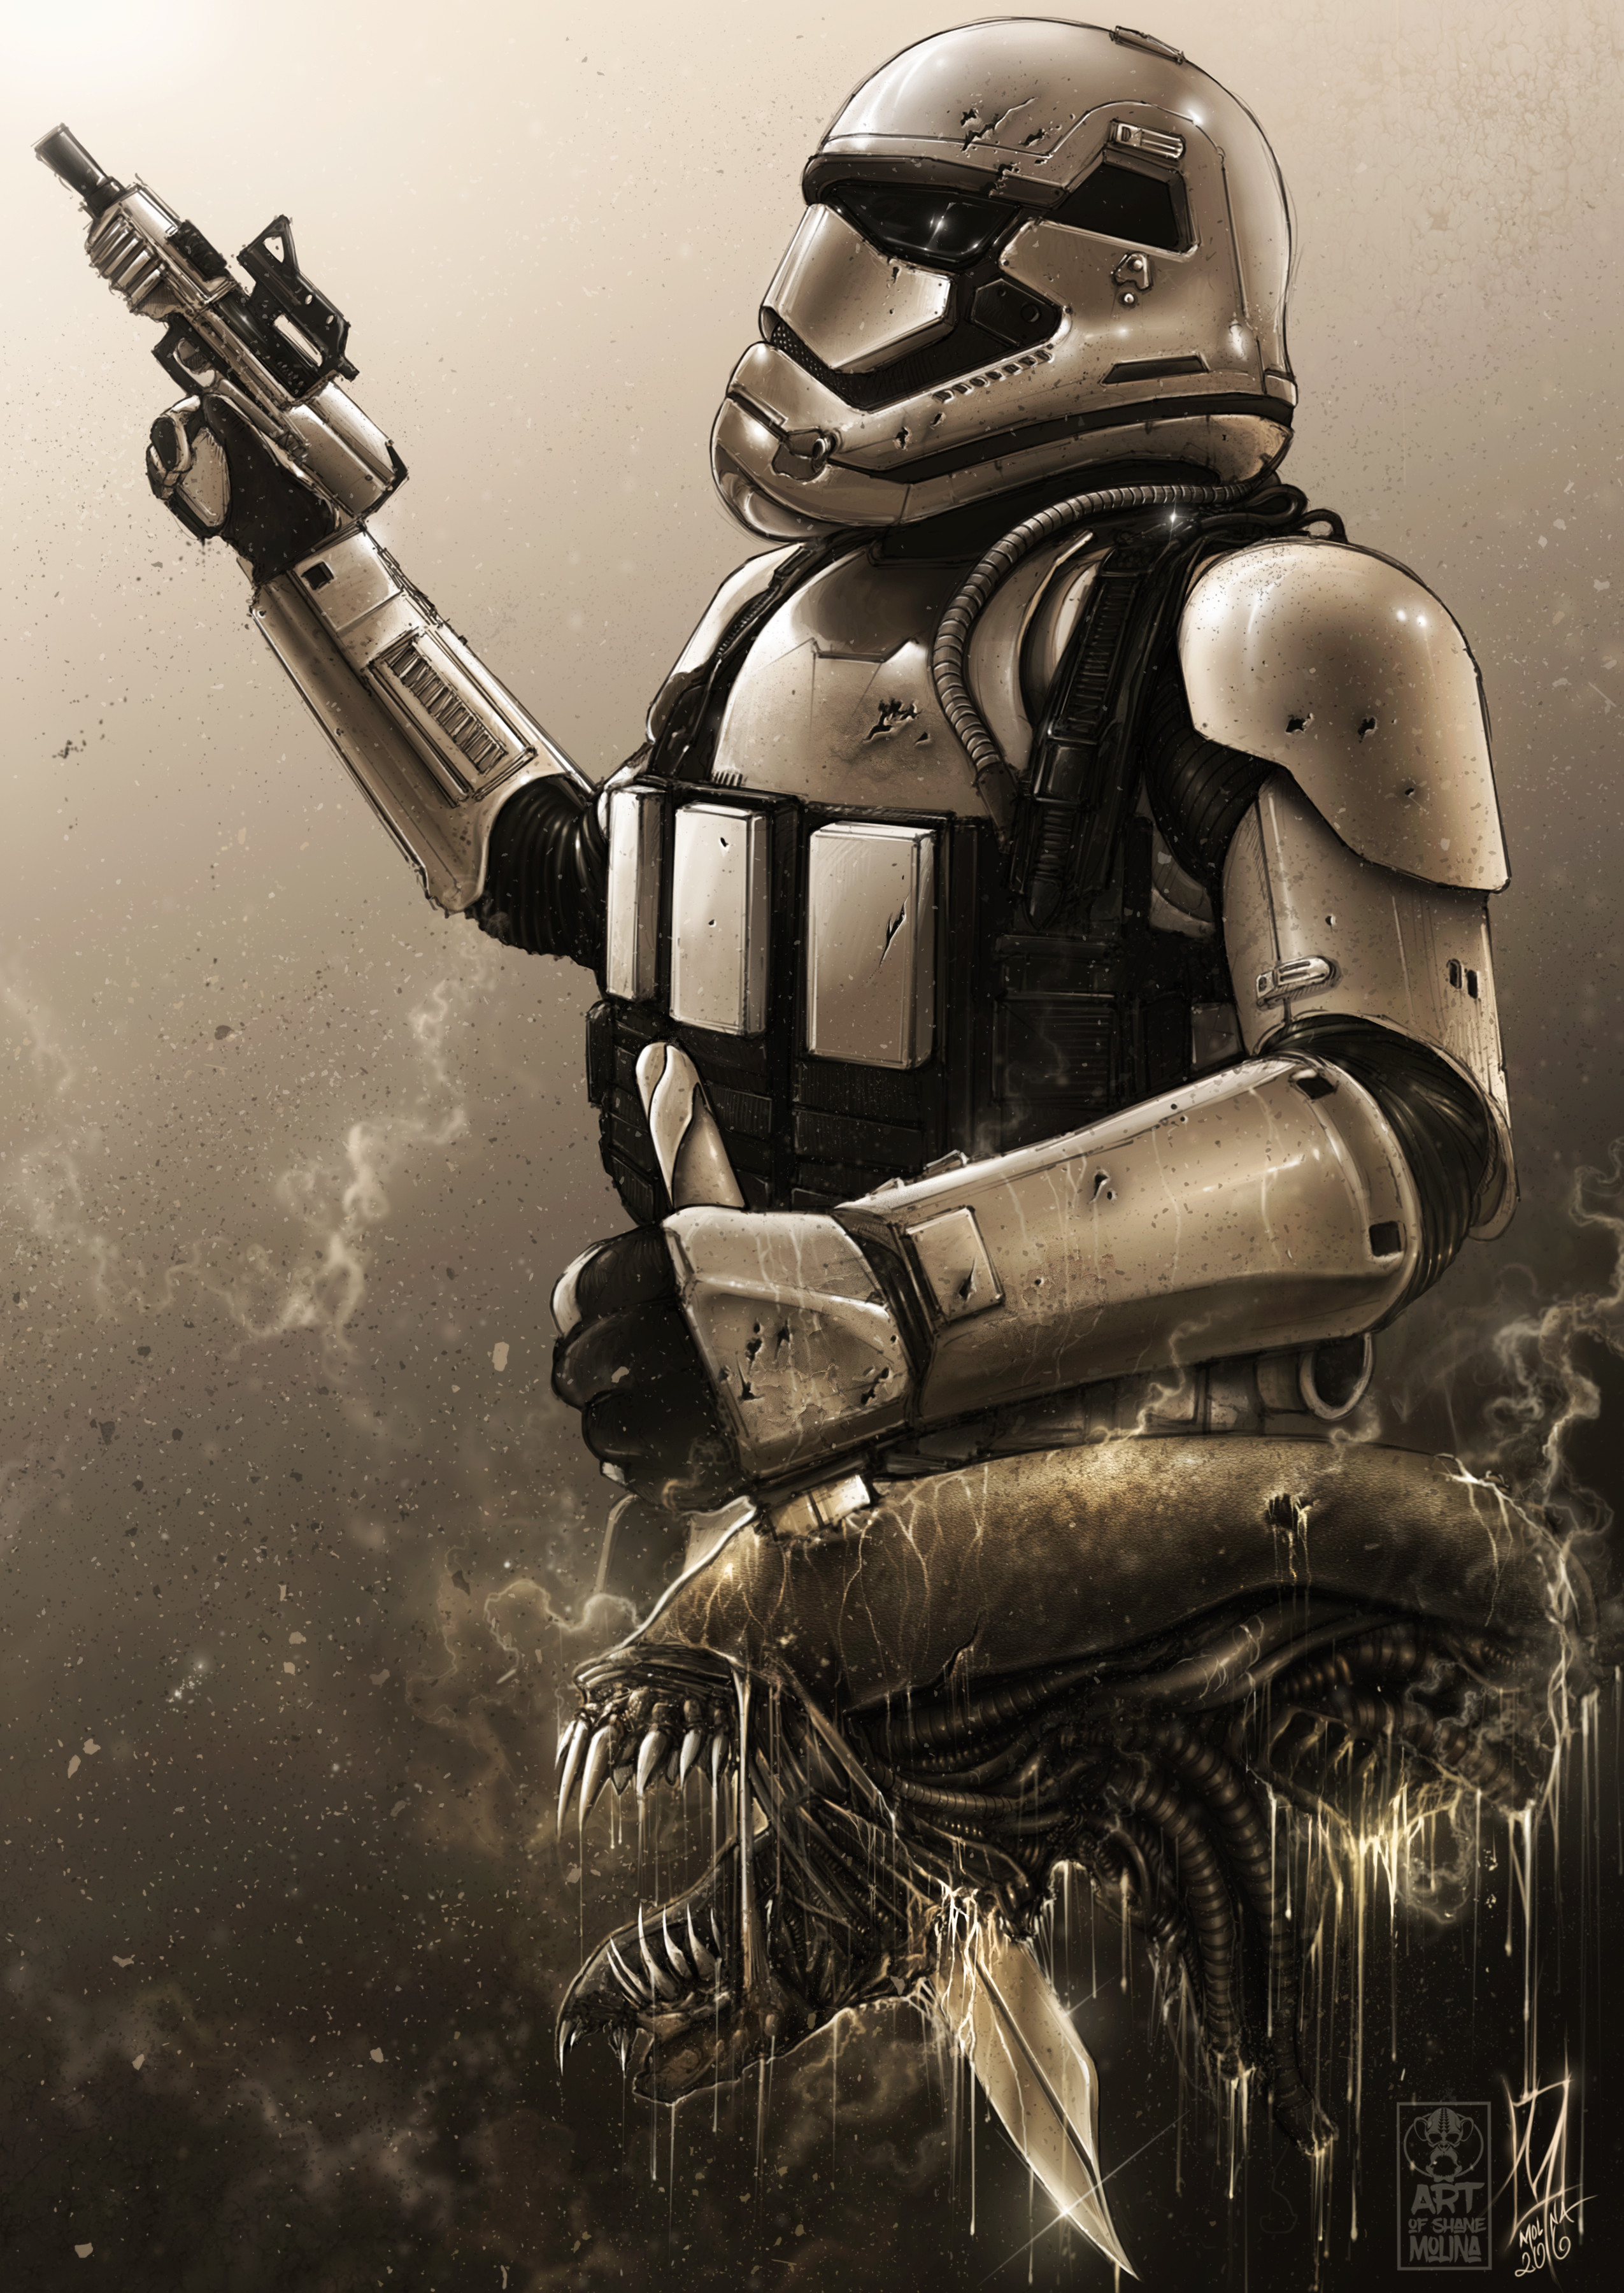 Stormtrooper's trophy